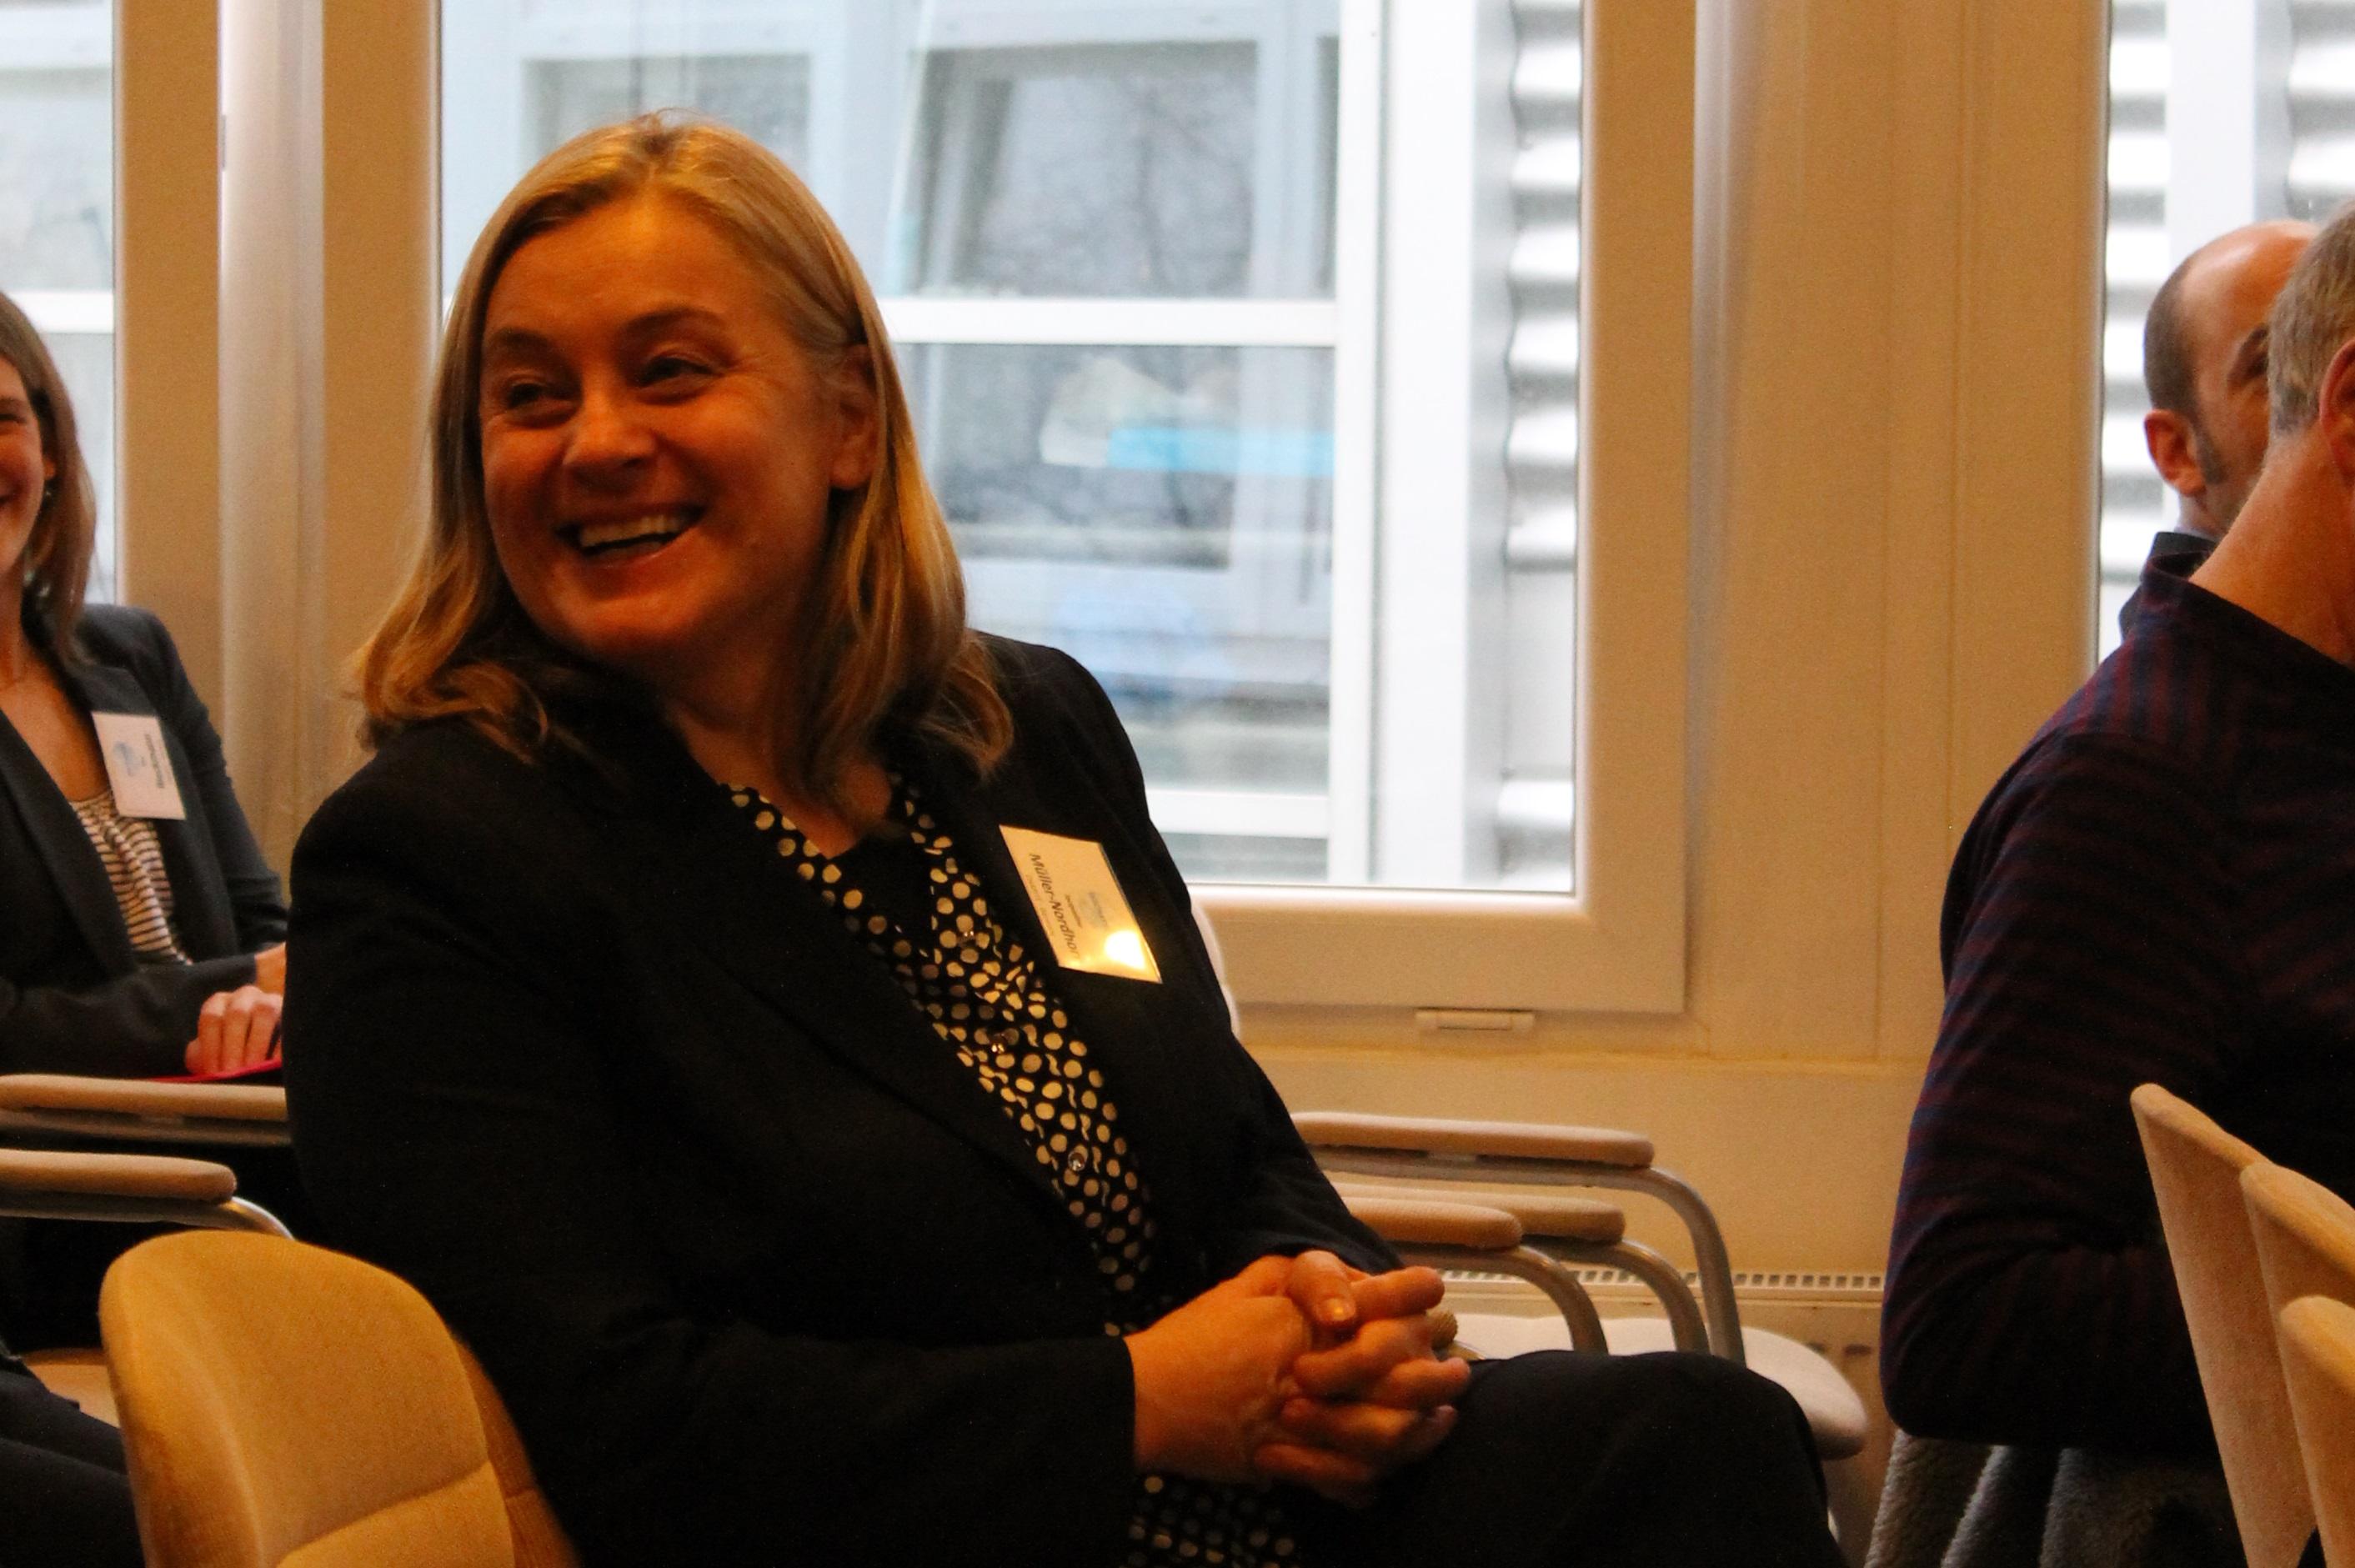 Prof. Dr. Jacqueline Müller-Nordhorn